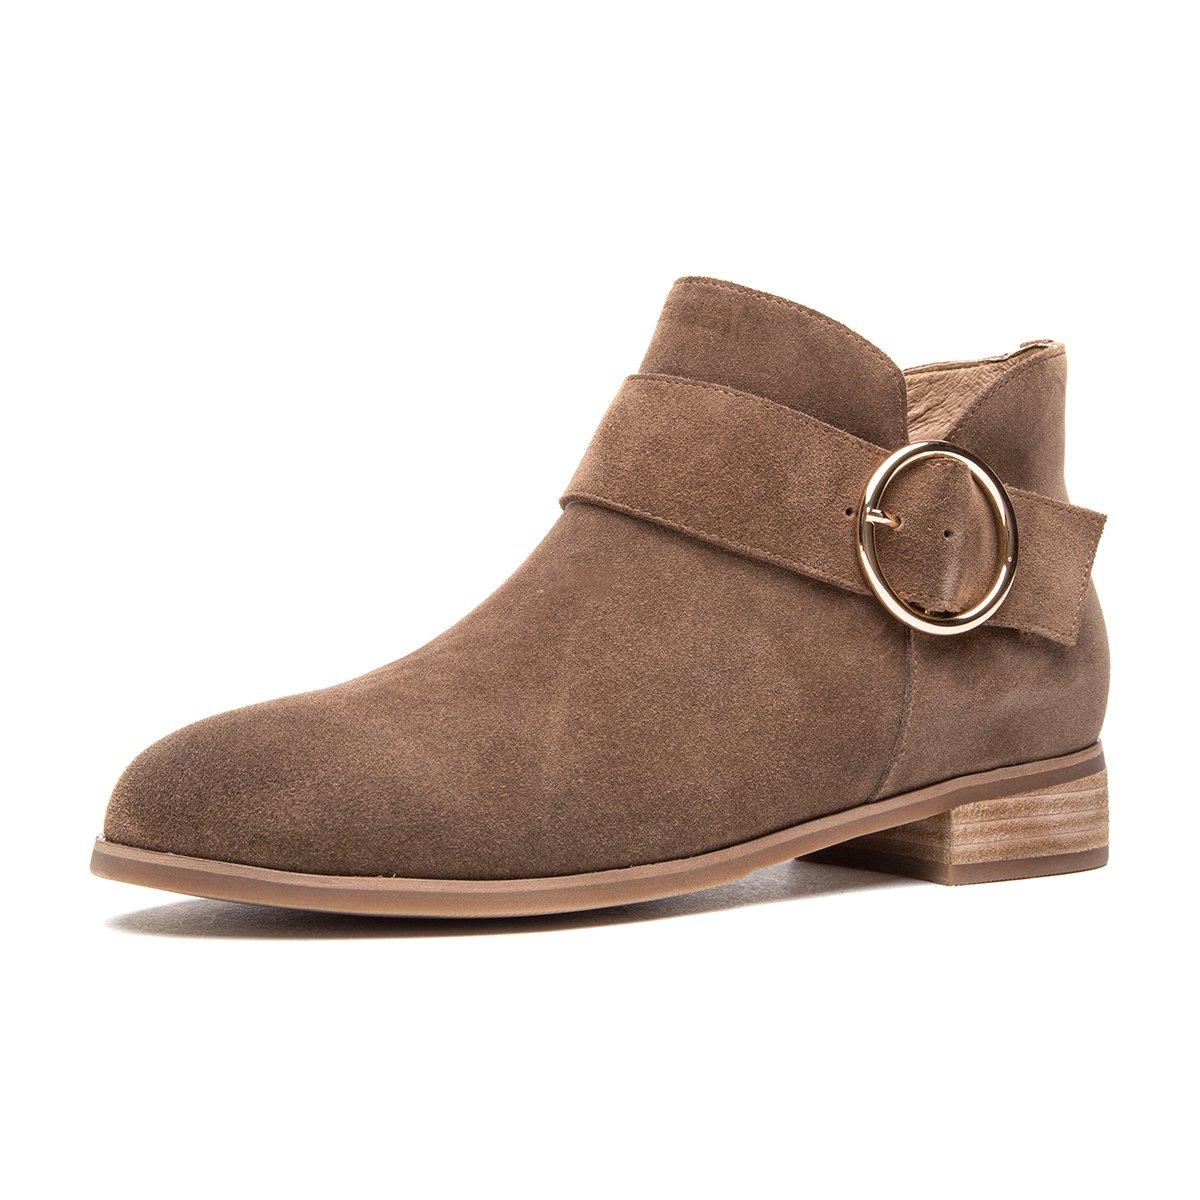 热风冬靴清仓 短筒套脚简约粗跟牛皮休闲靴机车时尚圆扣短靴H82W740502